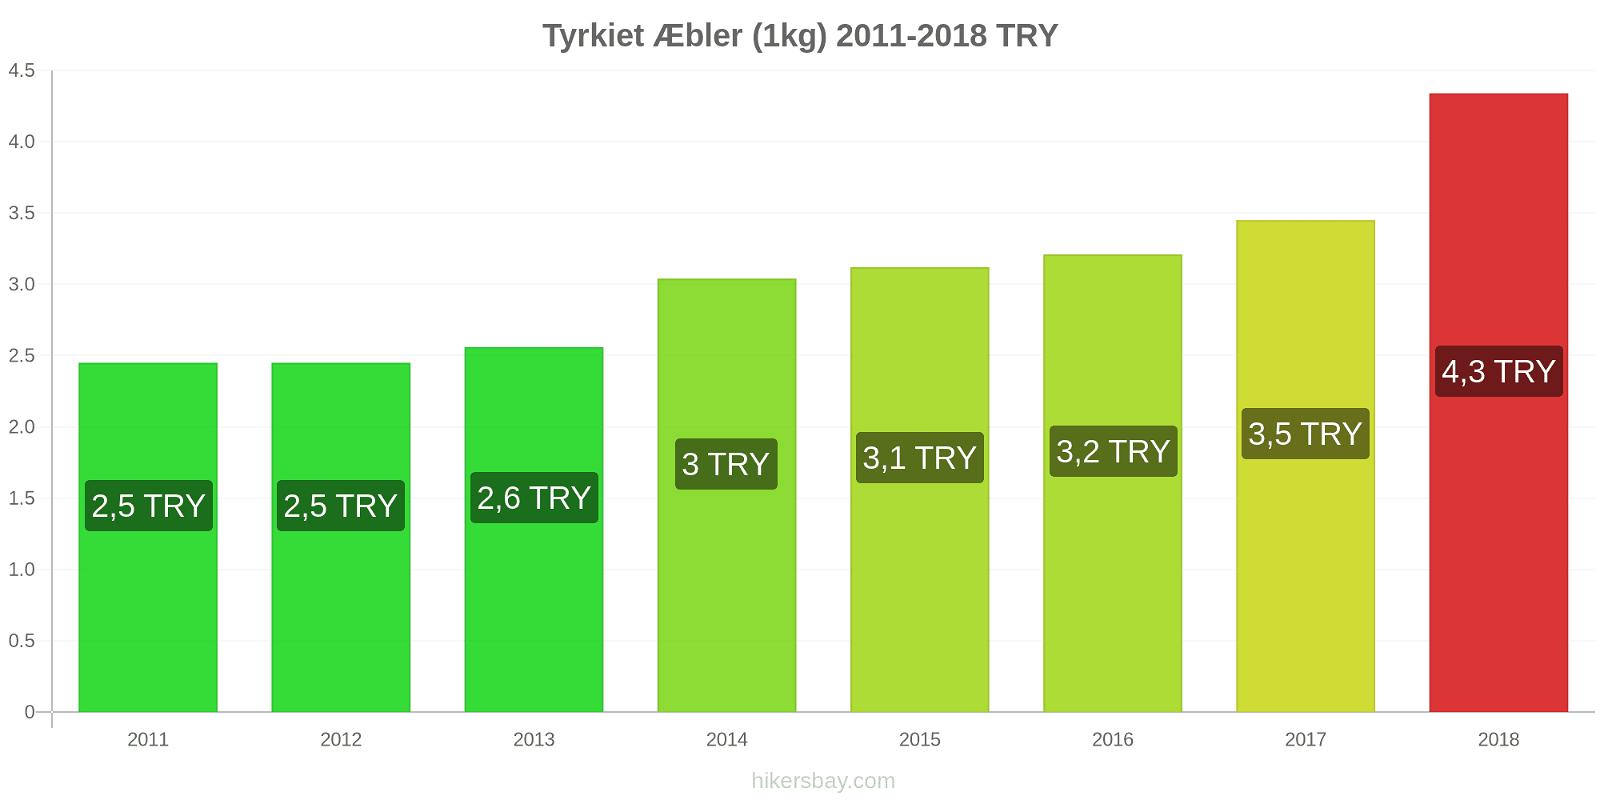 Tyrkiet prisændringer Æbler (1kg) hikersbay.com